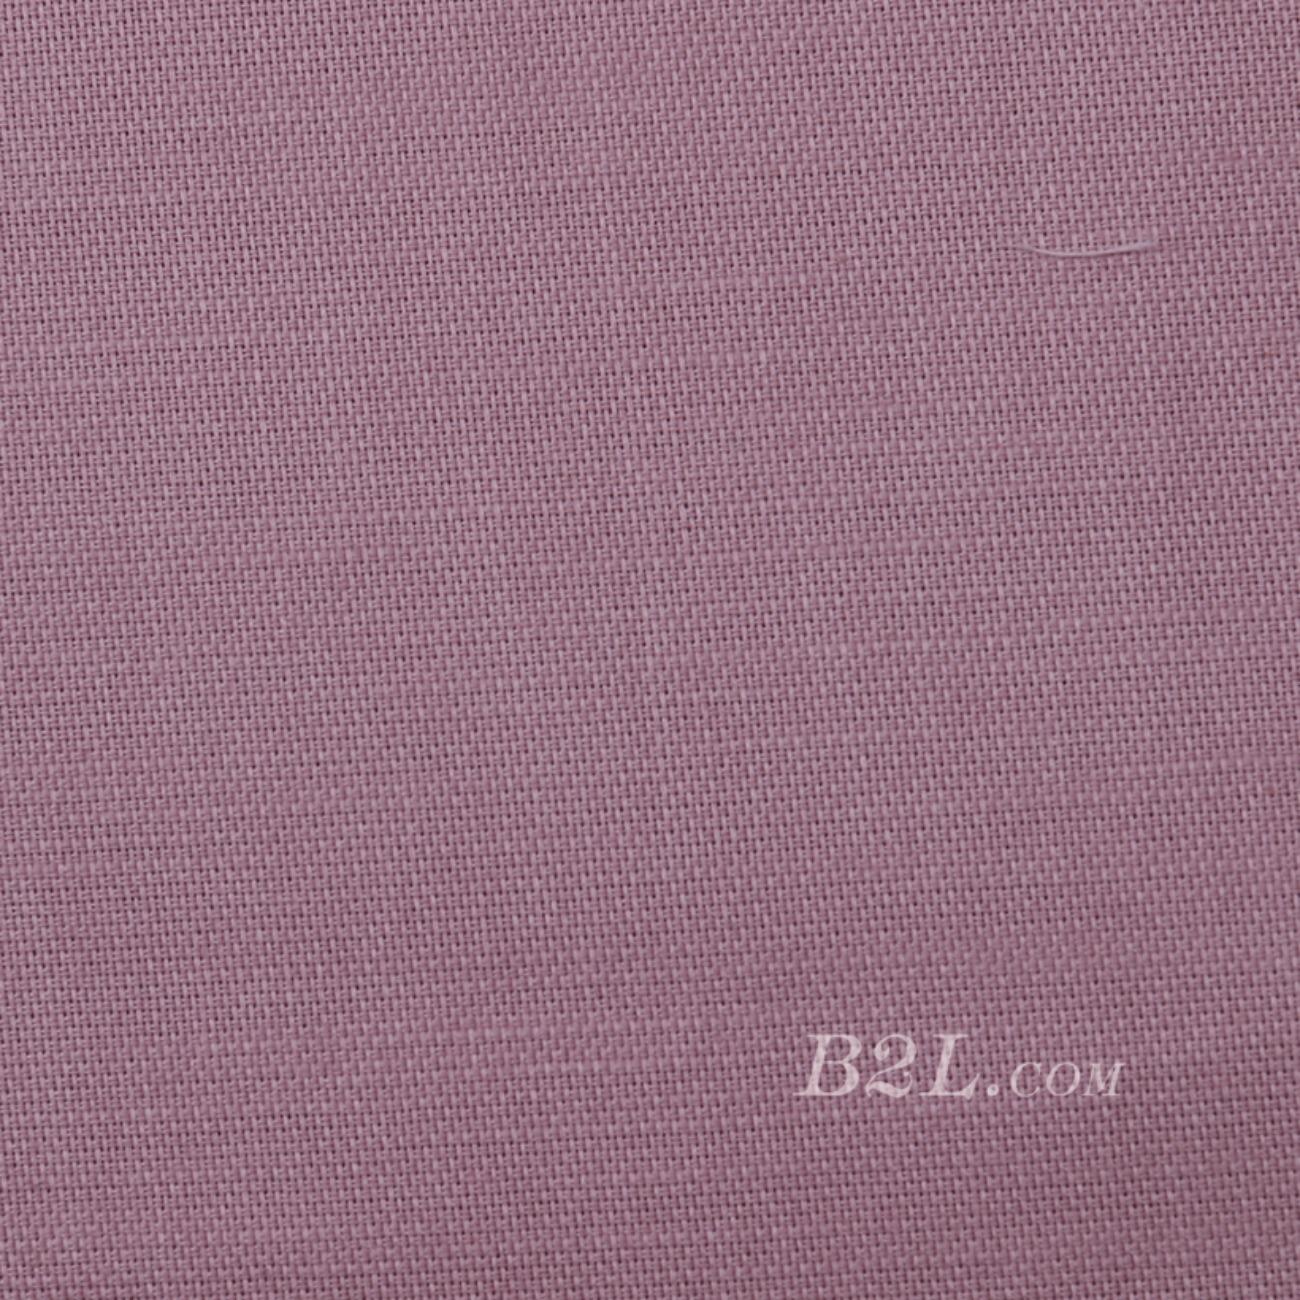 素色 梭织 染色 纬弹 连衣裙 衬衫 柔软 细腻 女装 春夏 71116-32